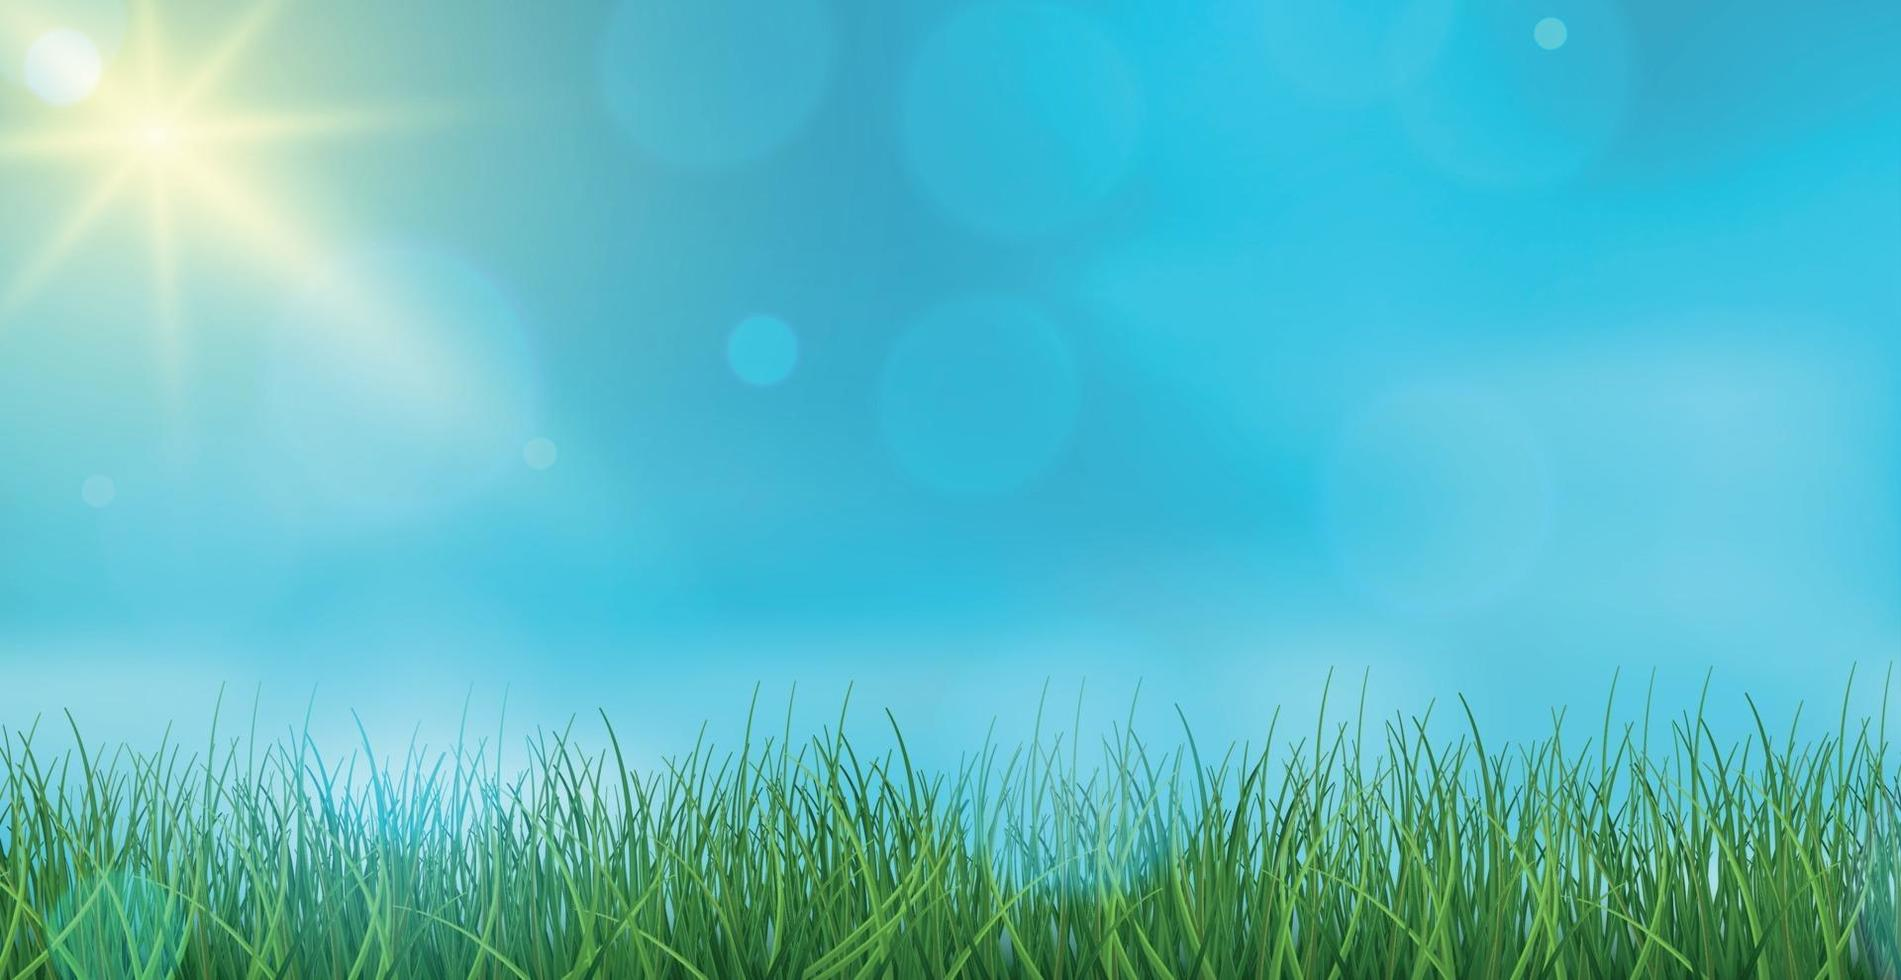 paesaggio erba verde su uno sfondo di cielo blu bokeh - vettore